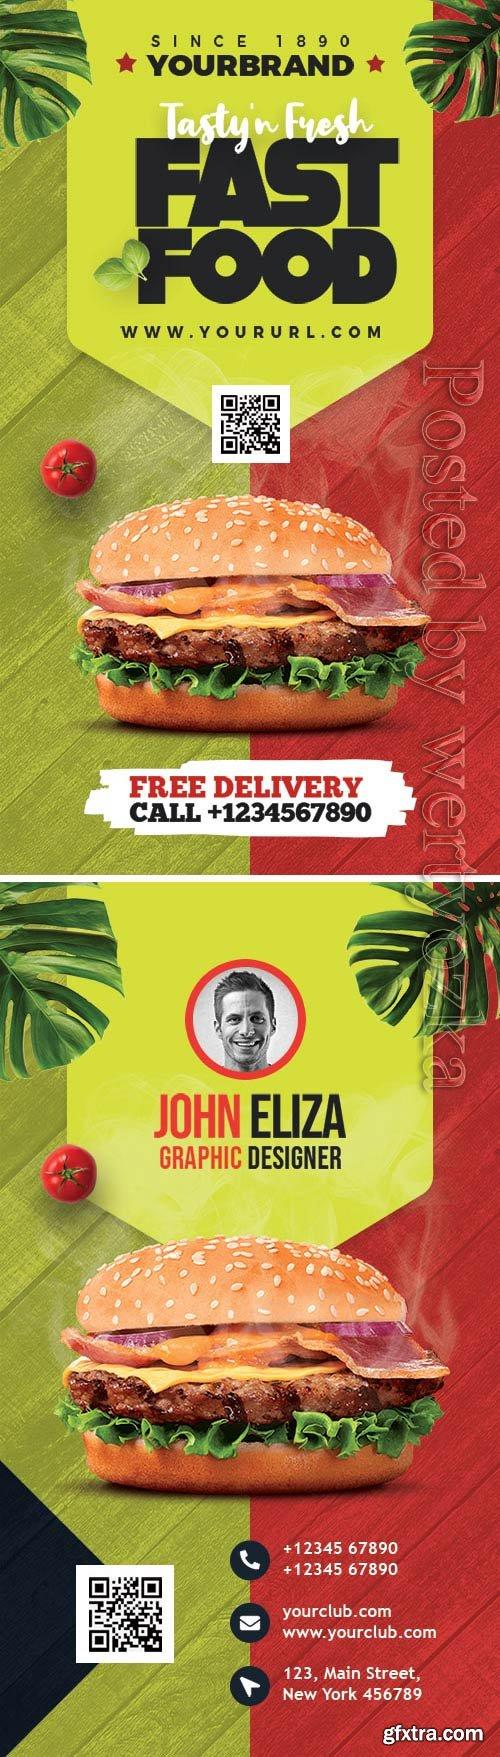 Restaurant Designer Business Card PSD Template